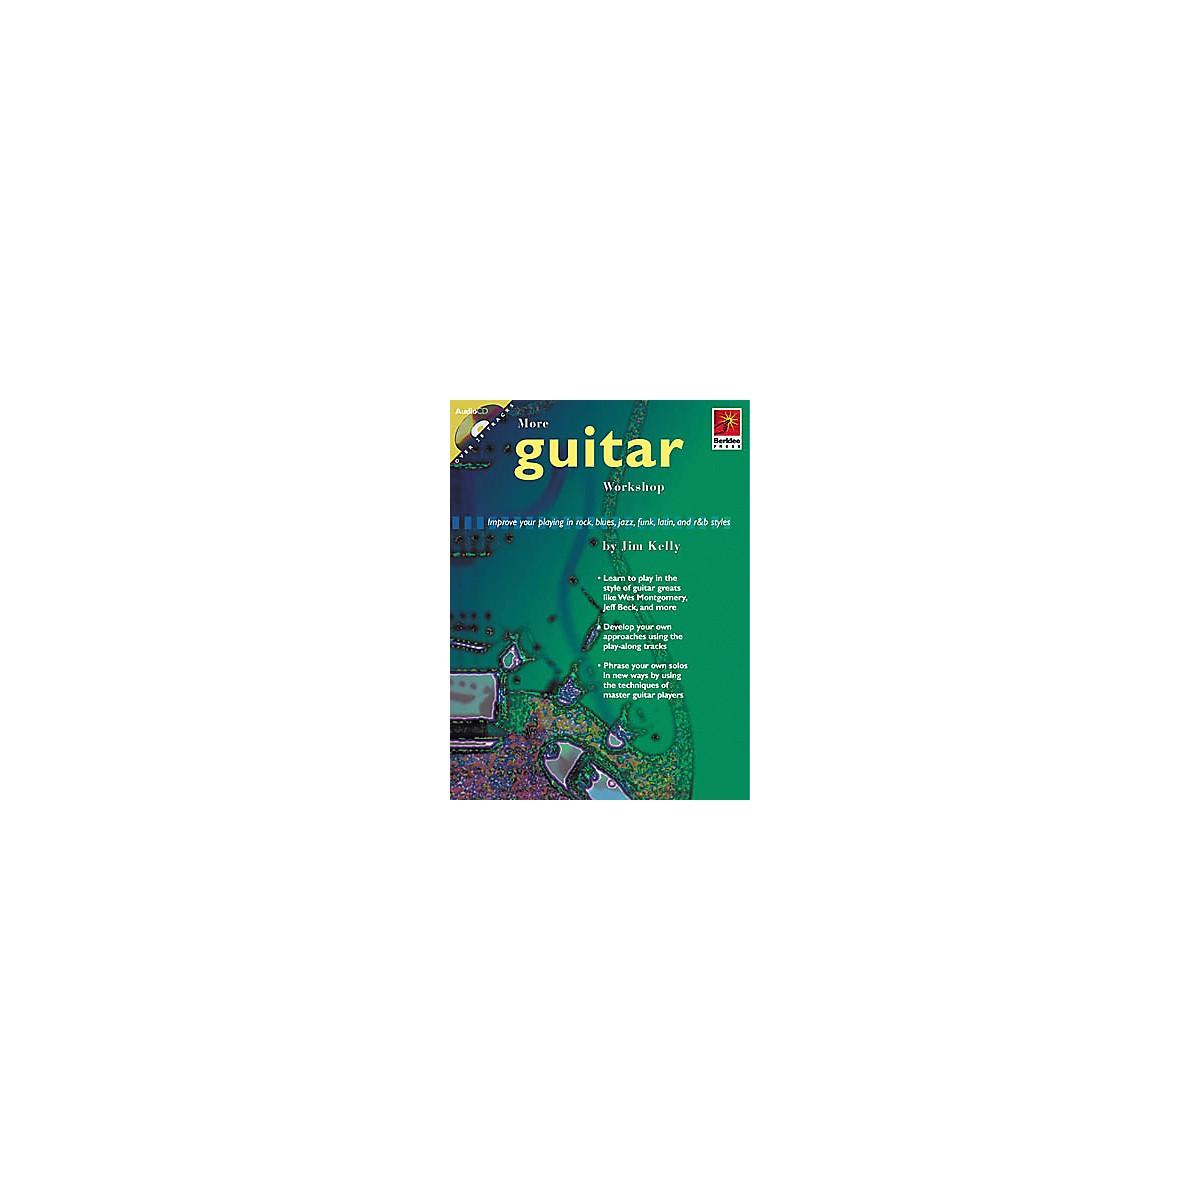 Berklee Press More Guitar Workshop (Book/CD)